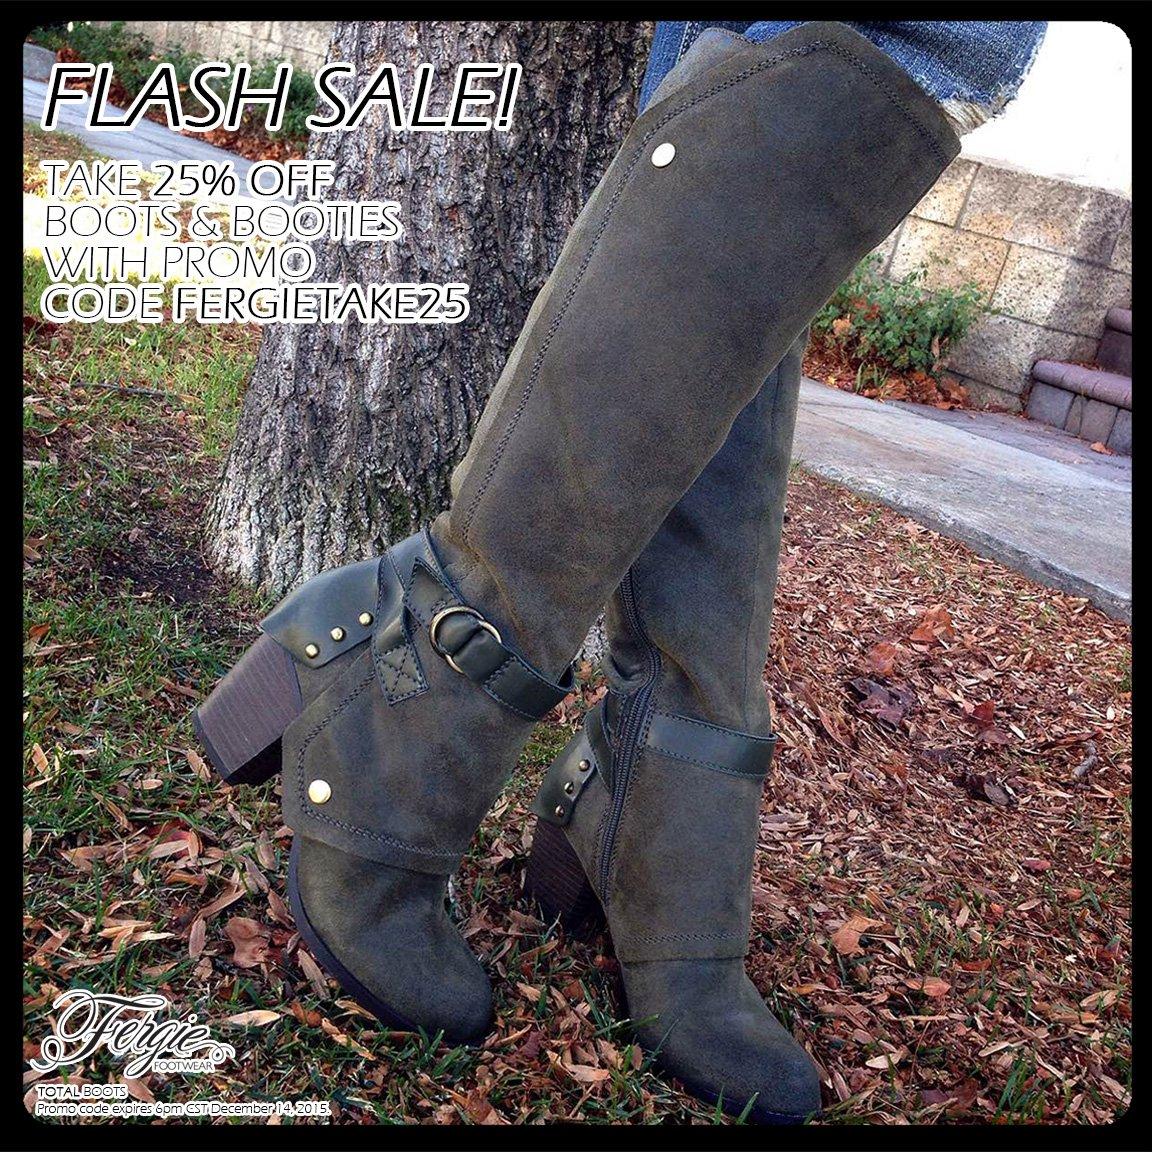 RT @FergieFootwear: #FlashSale!25%OFF #Fergie #boots w/ #promocode FERGIETAKE25 til 6p CT.#greenmonday #bootsale https://t.co/YeQcjMcK6K ht…